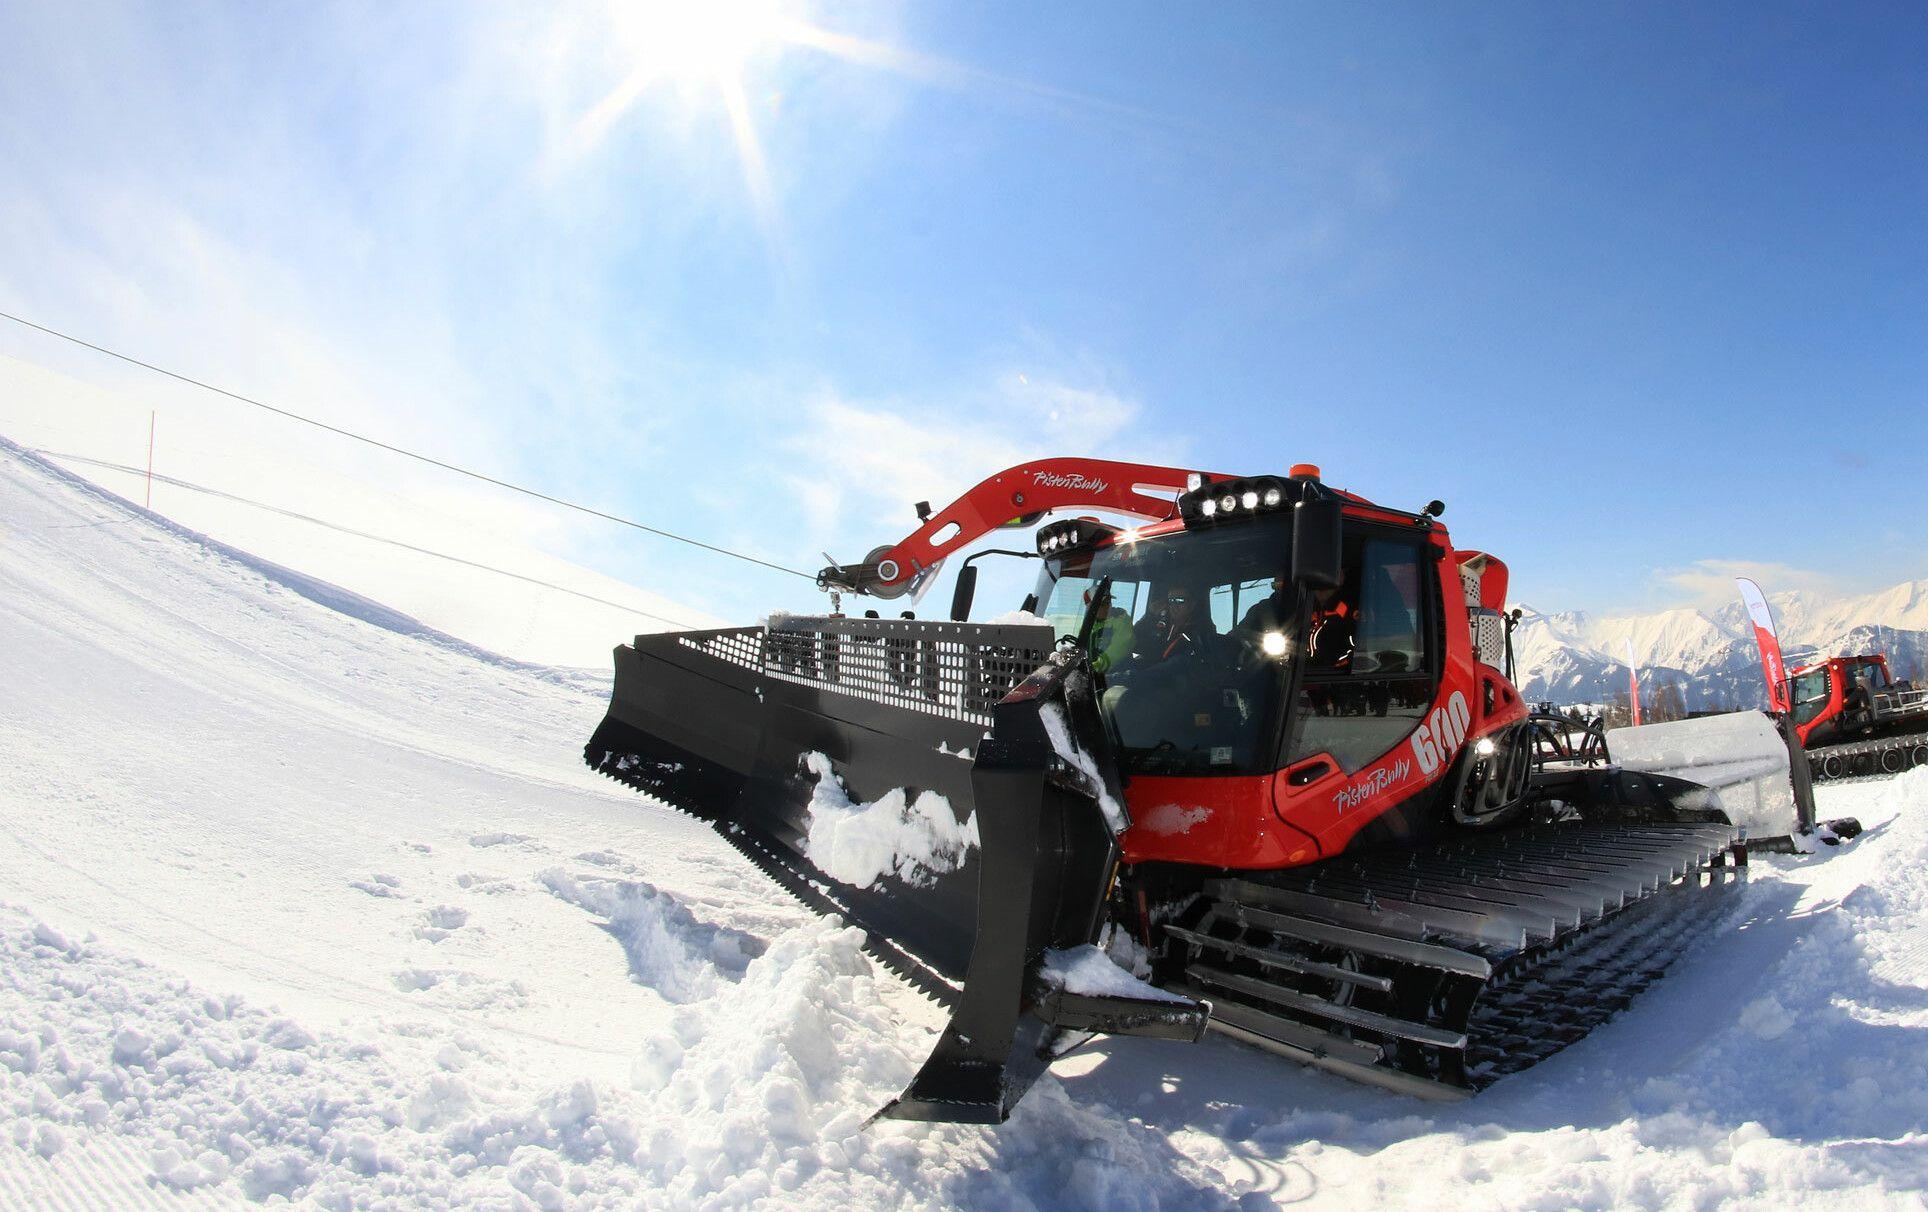 PistenBully 600 Polar W fährt mit der Winde den Berg hinauf